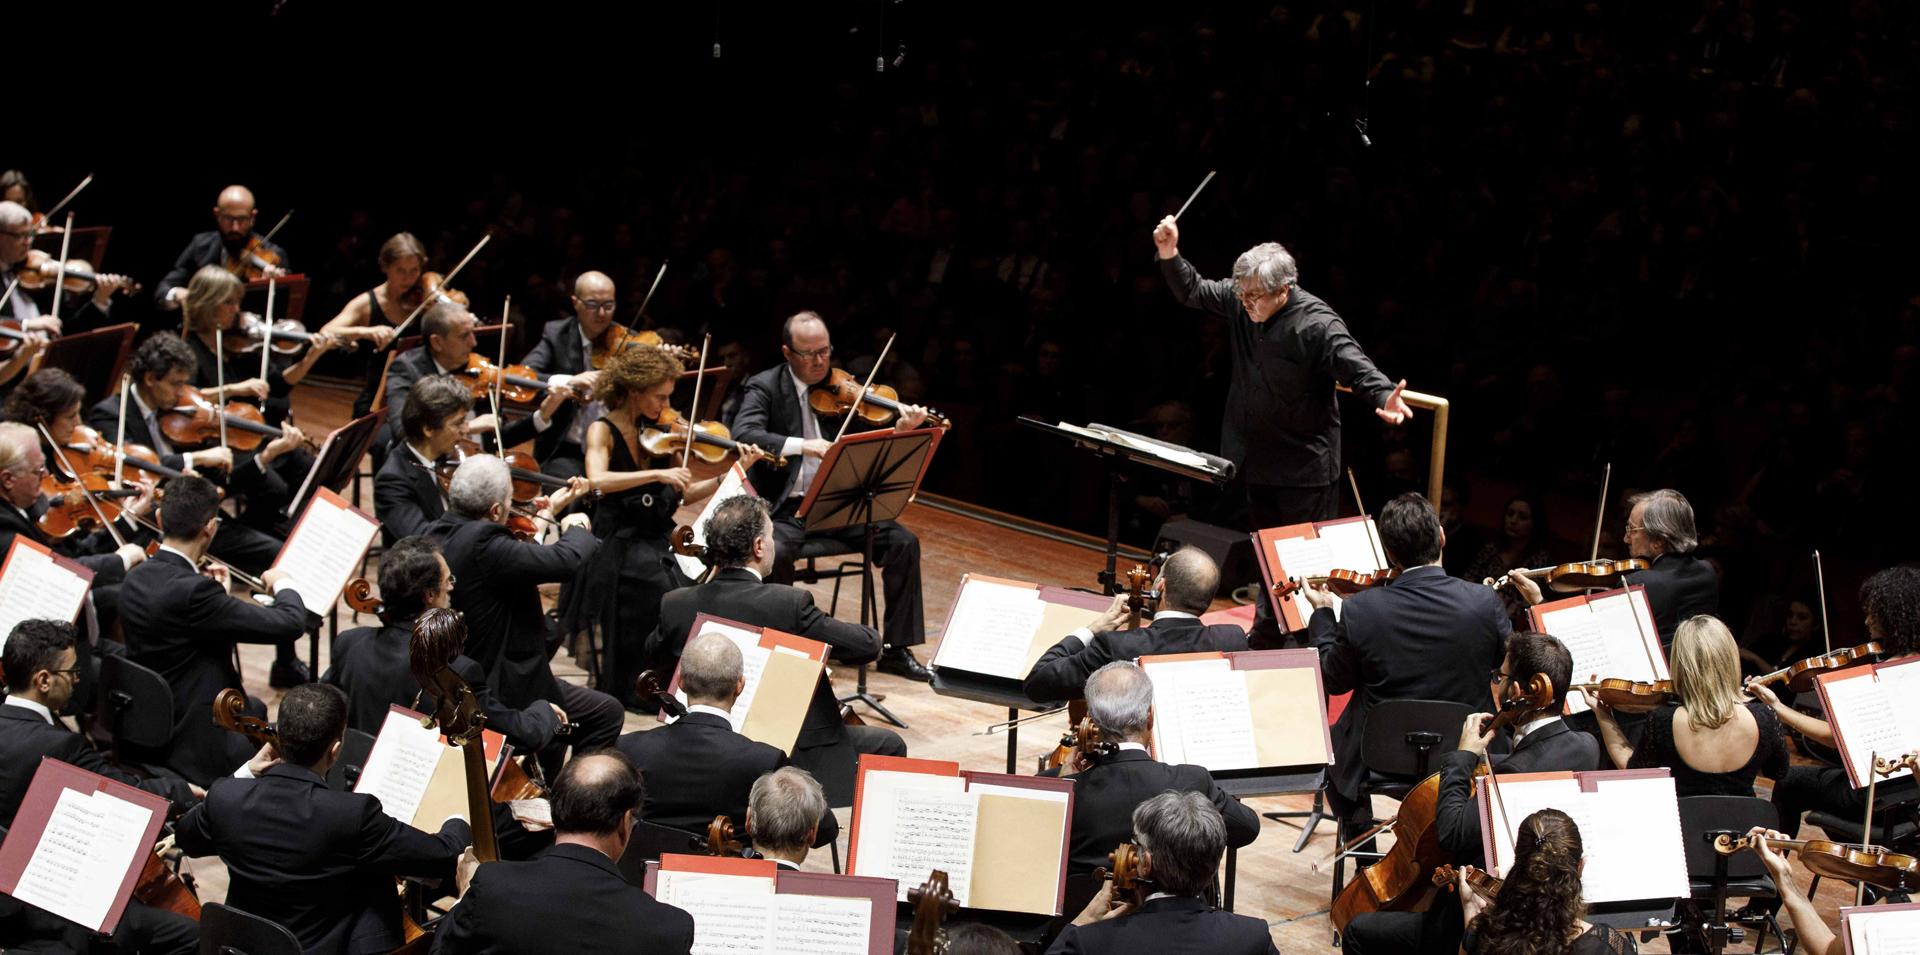 Orchestra Accademia Nazionale Santa Cecilia